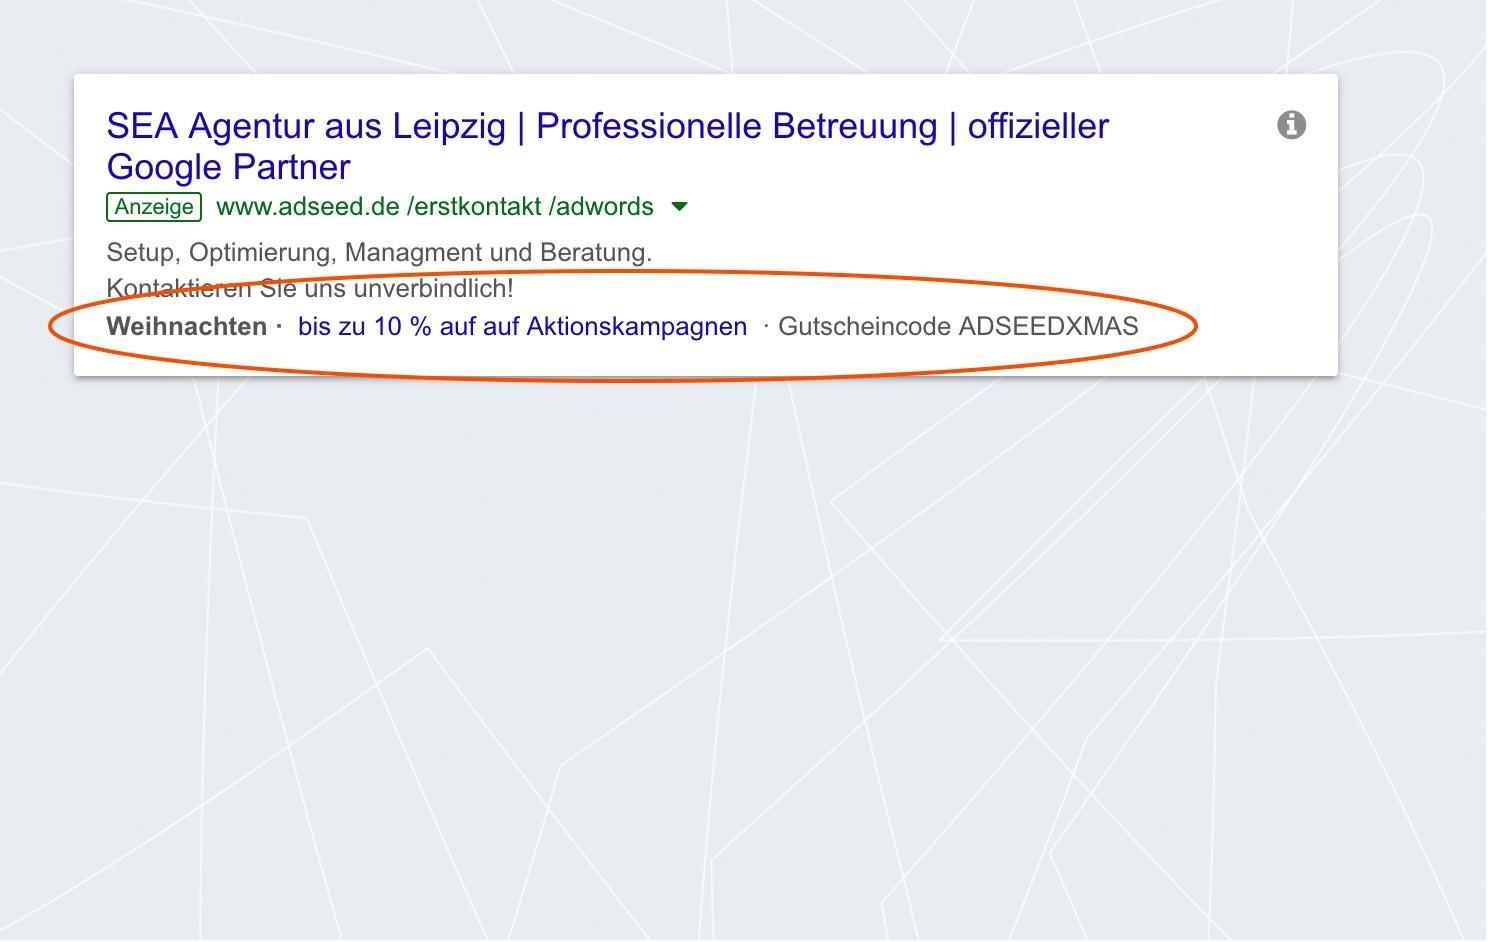 adseed - Google Ads Anzeige Angebotserweiterung Desktop